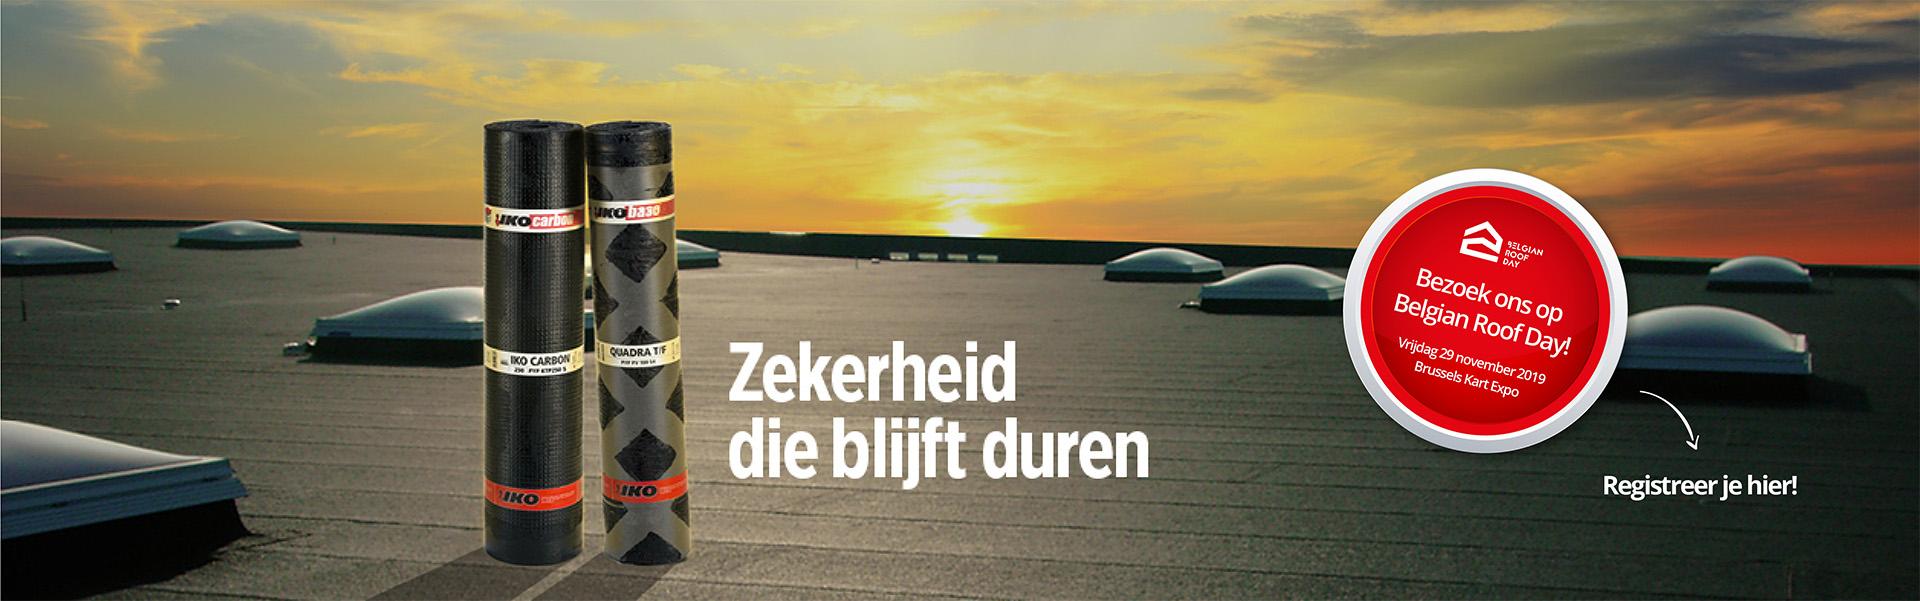 Bezoek ons op Belgian Roof Day !